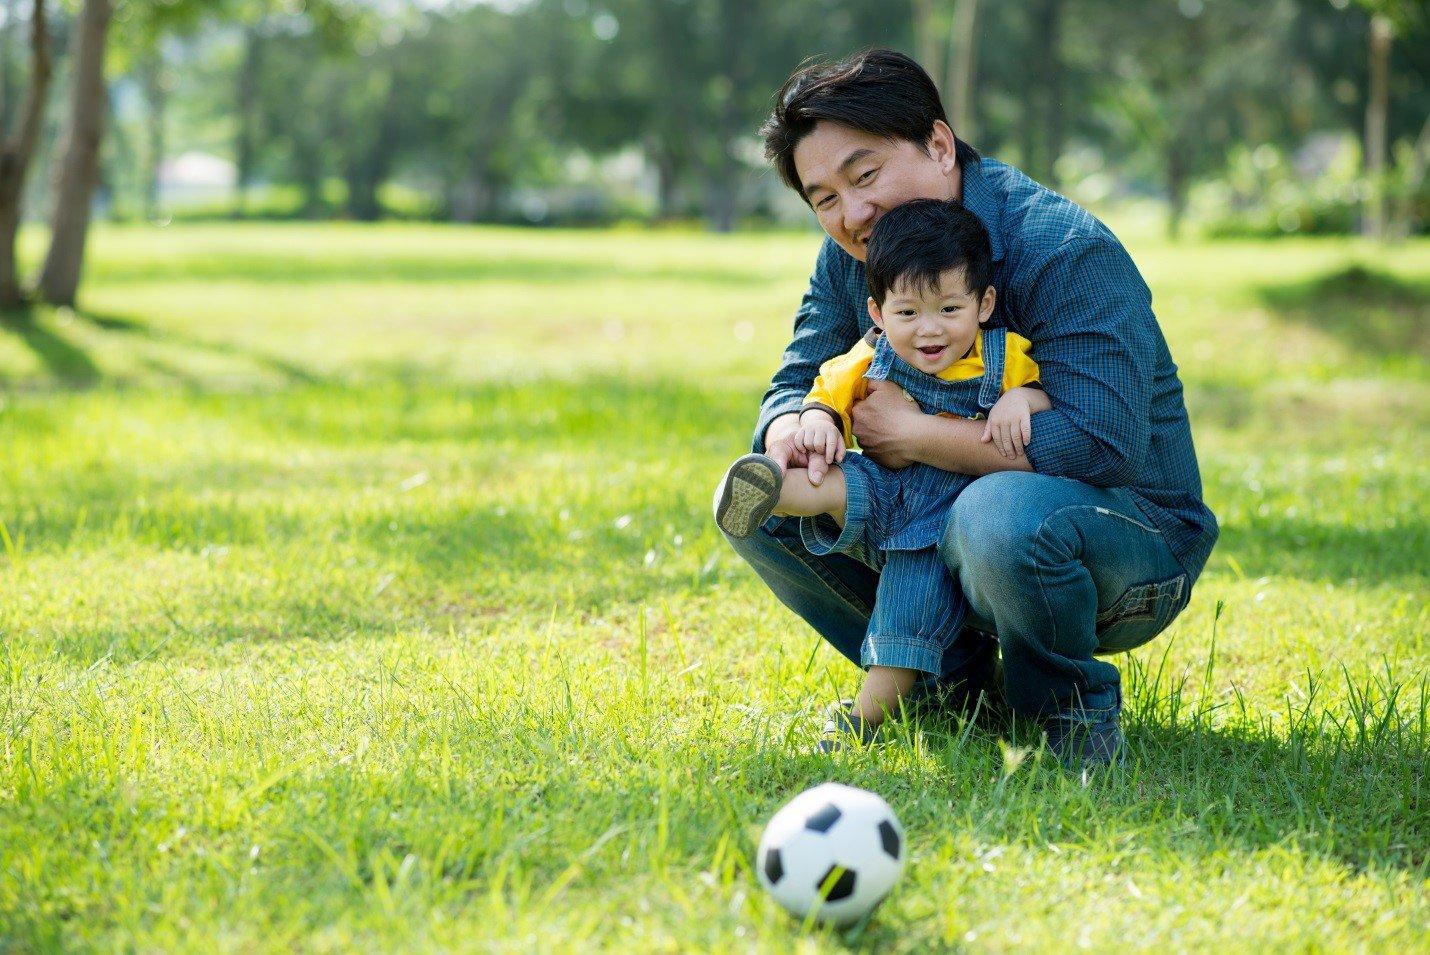 chơi thể thao với con l